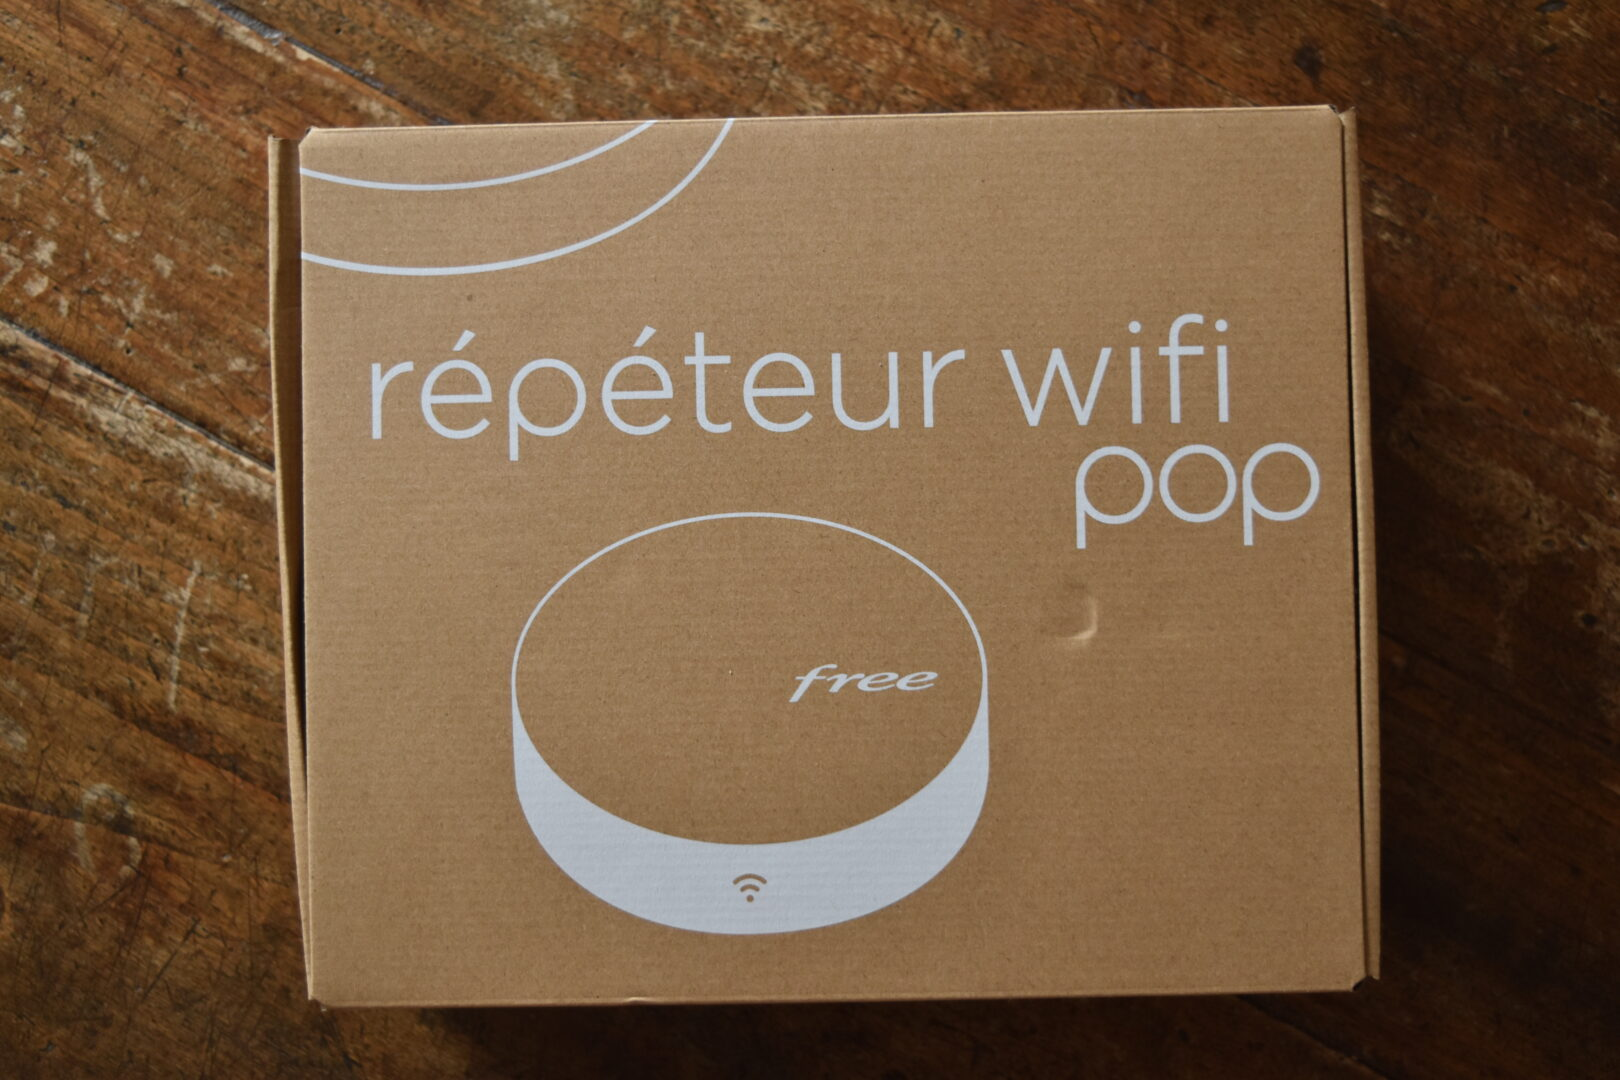 répéteur wi-fi pop